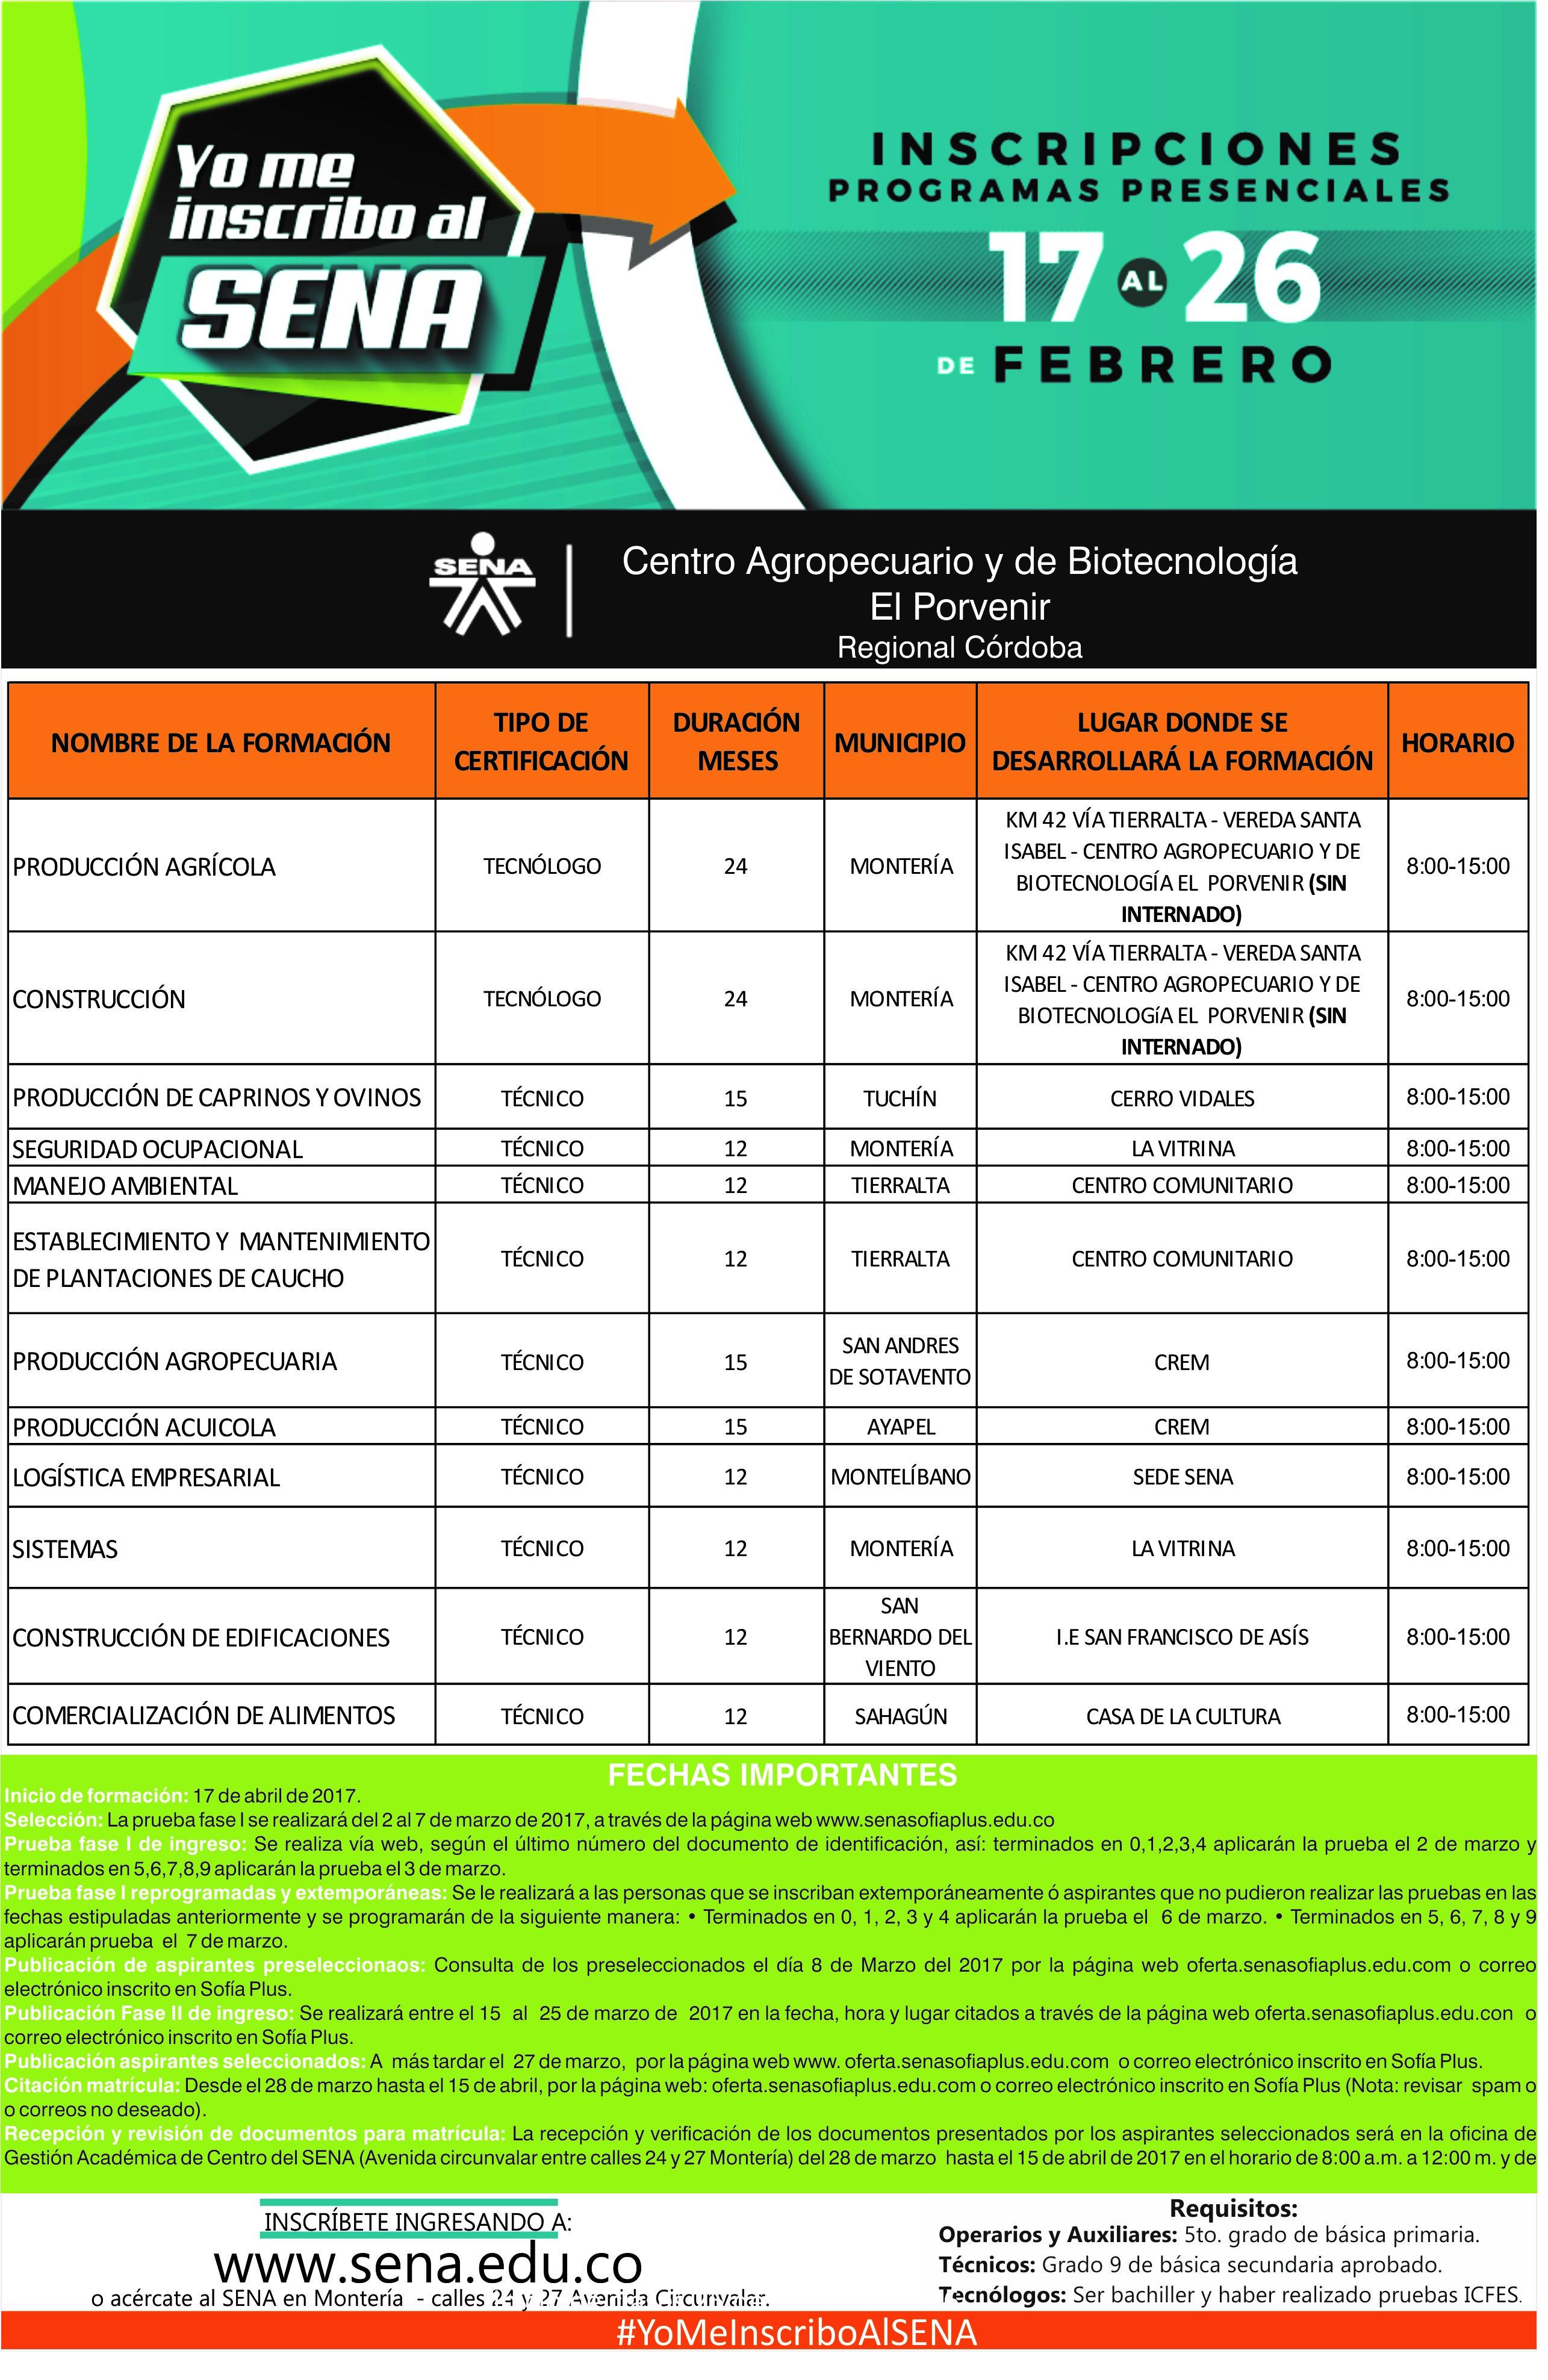 Inscripciones oferta Educativa SENA 2017